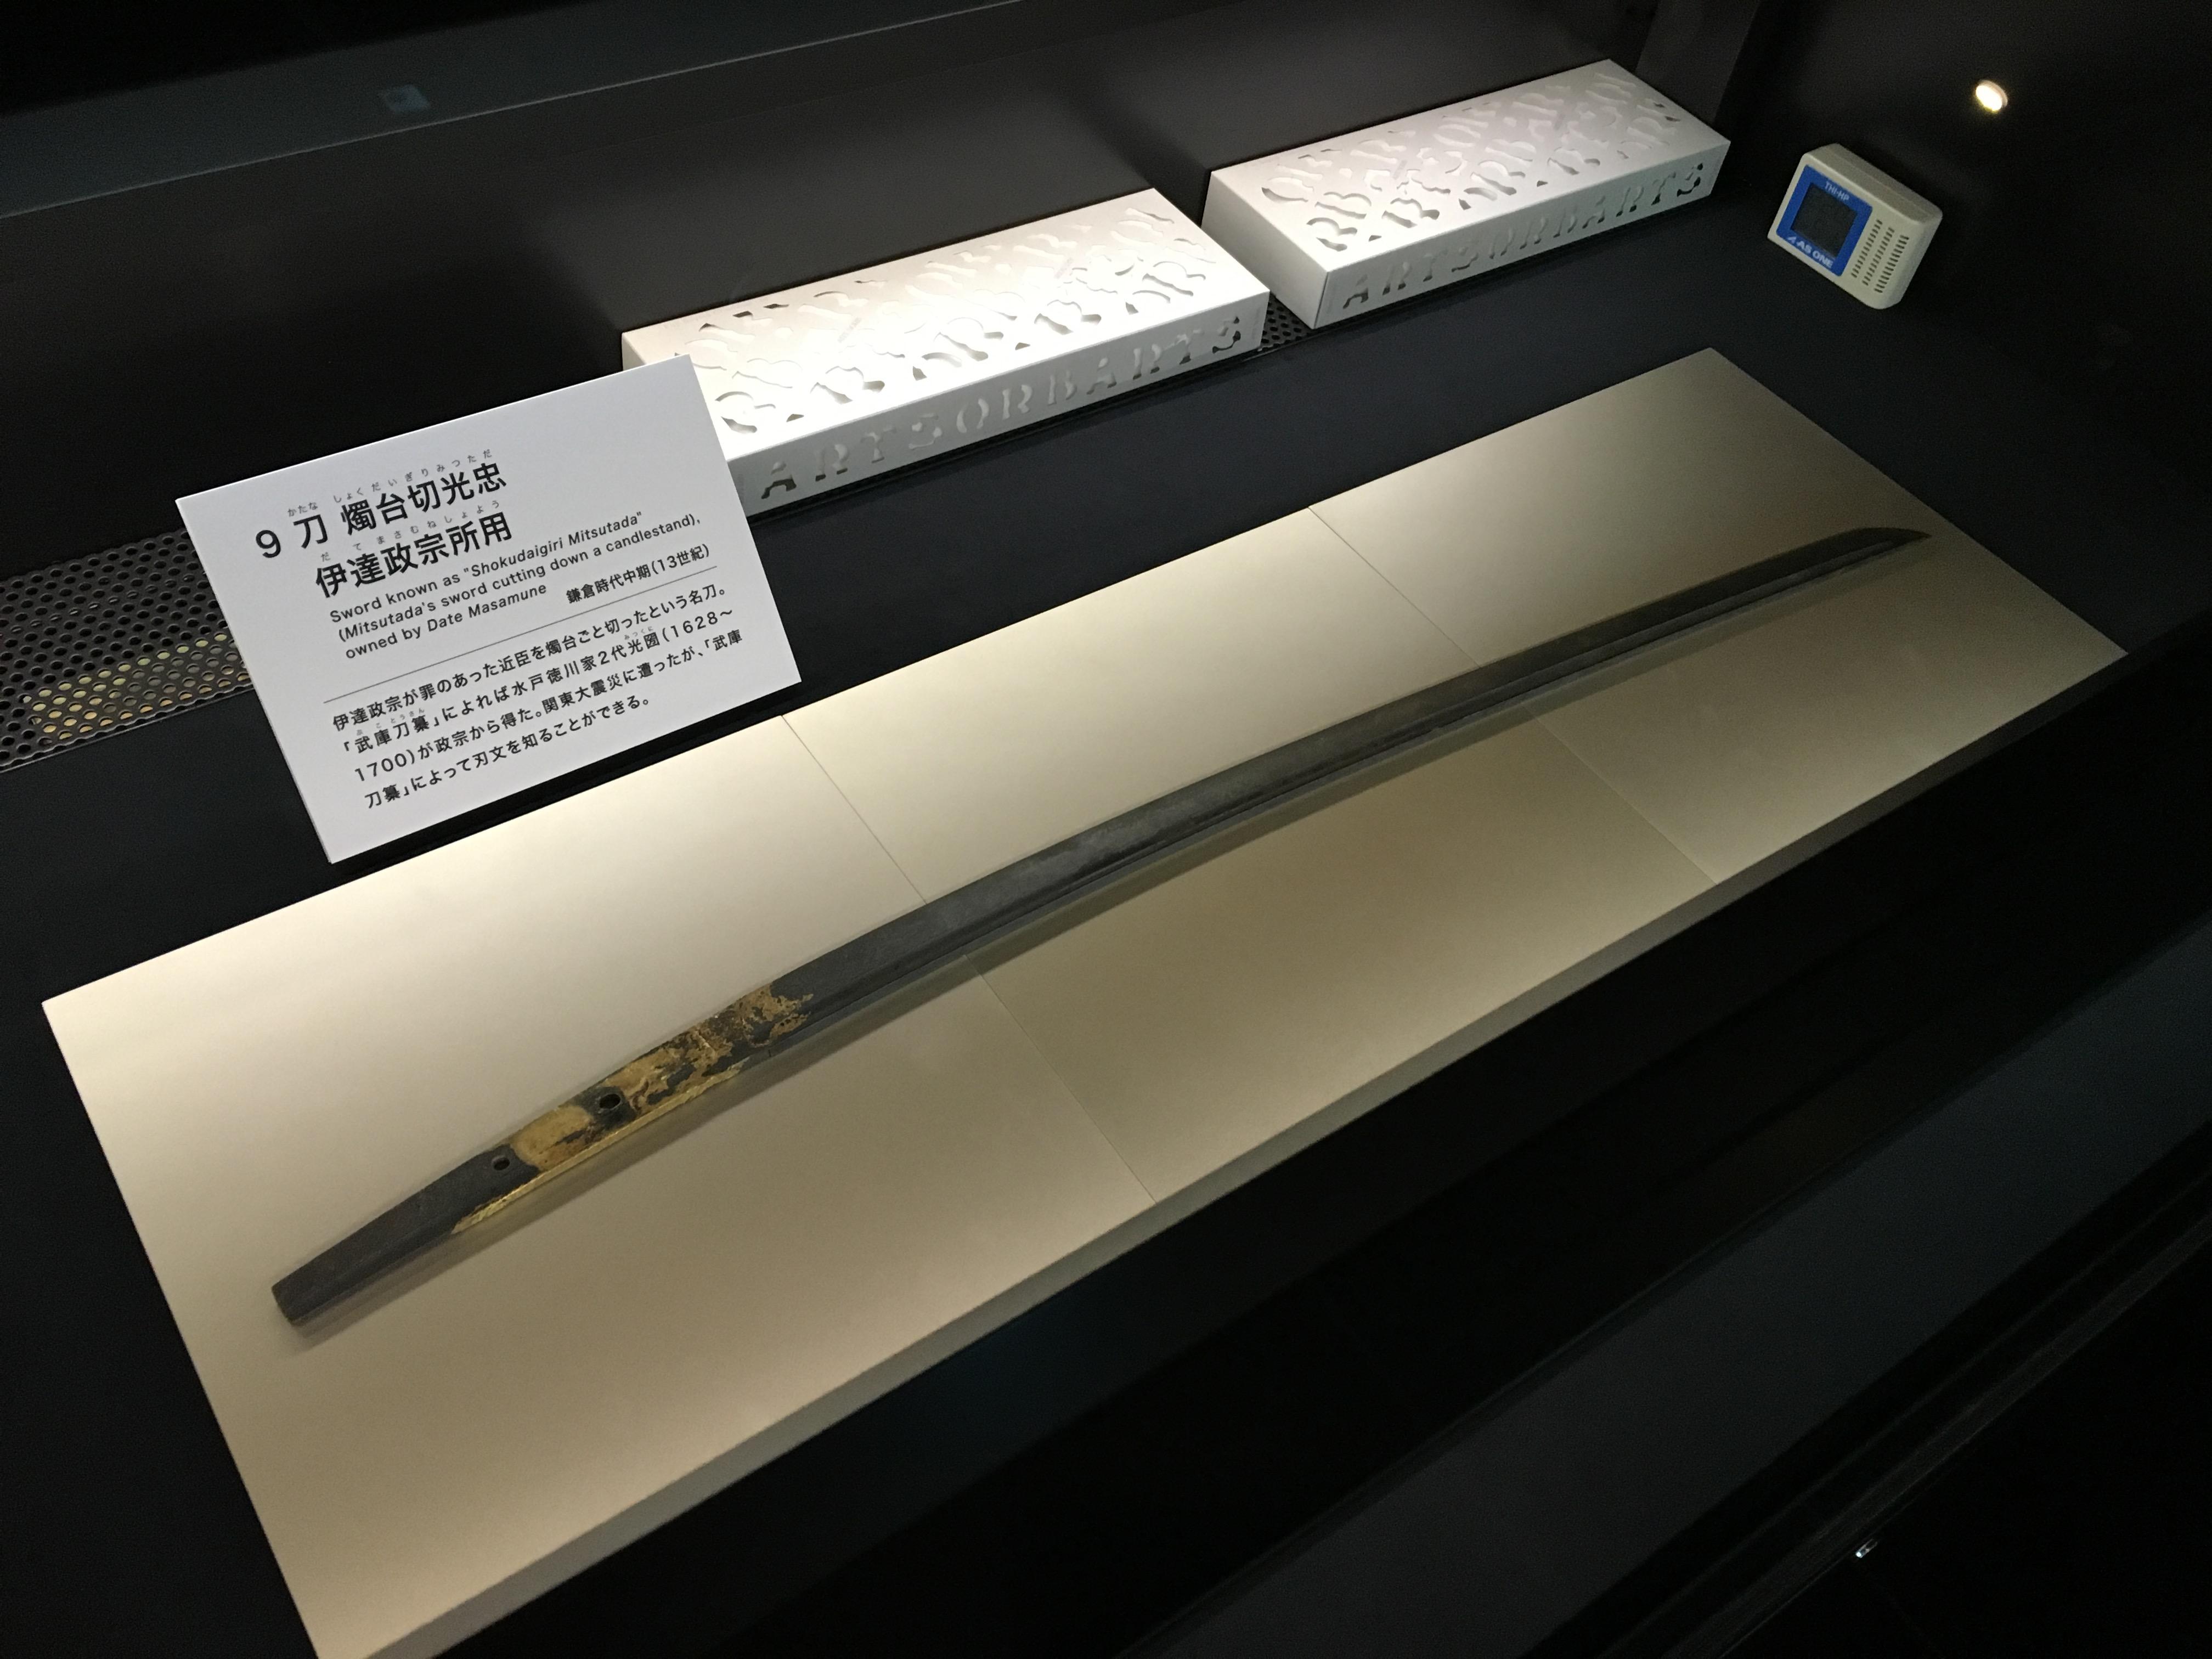 燭台切光忠が羽田空港ディスカバリーミュージアムにやってきた!